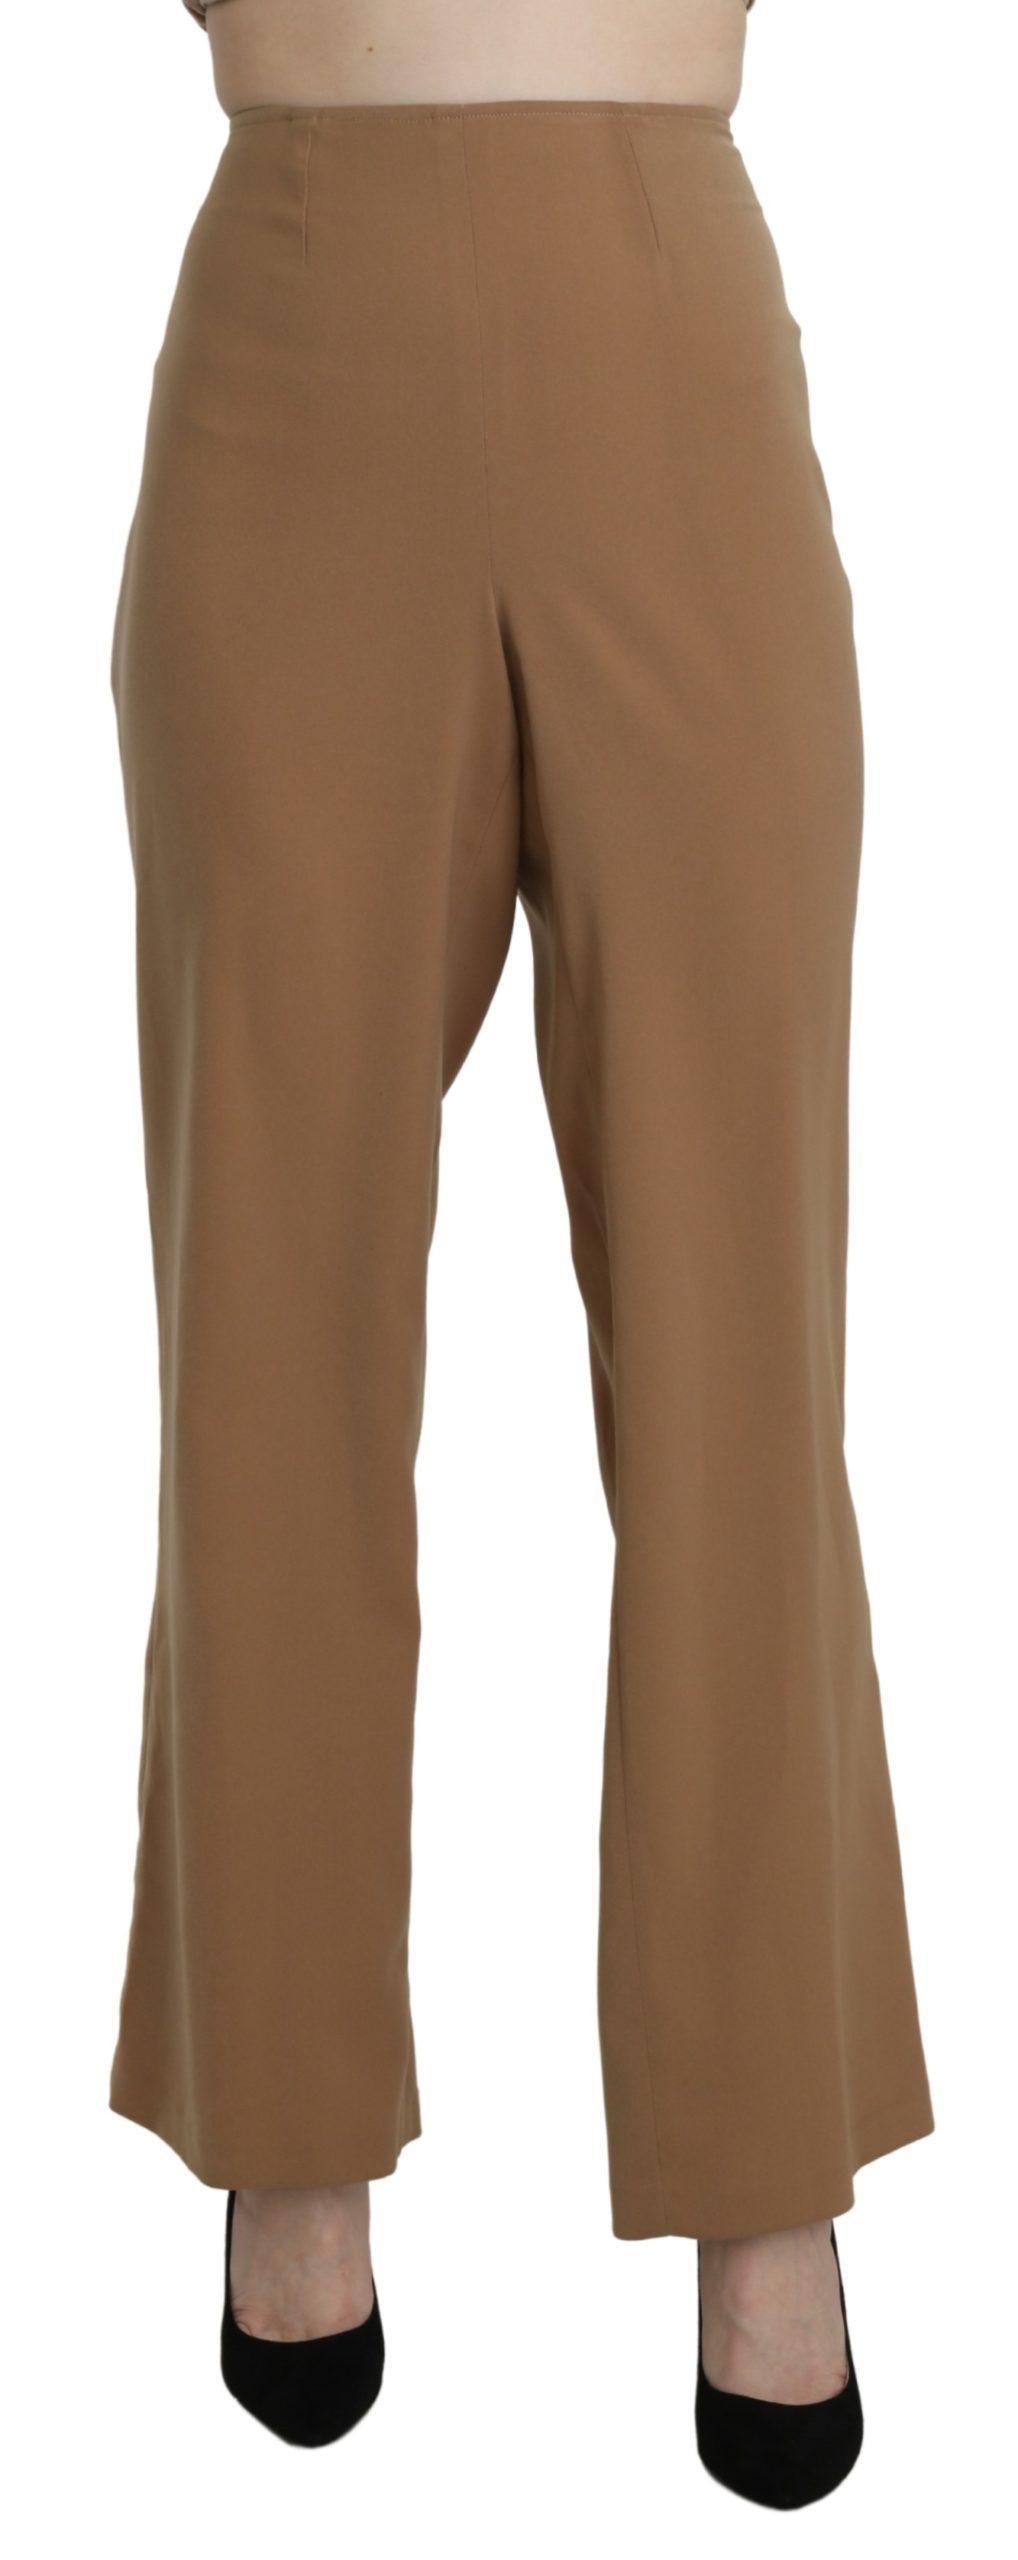 Bencivenga Women's High Waist Trouser Beige PAN71361-48 - IT48 XXL